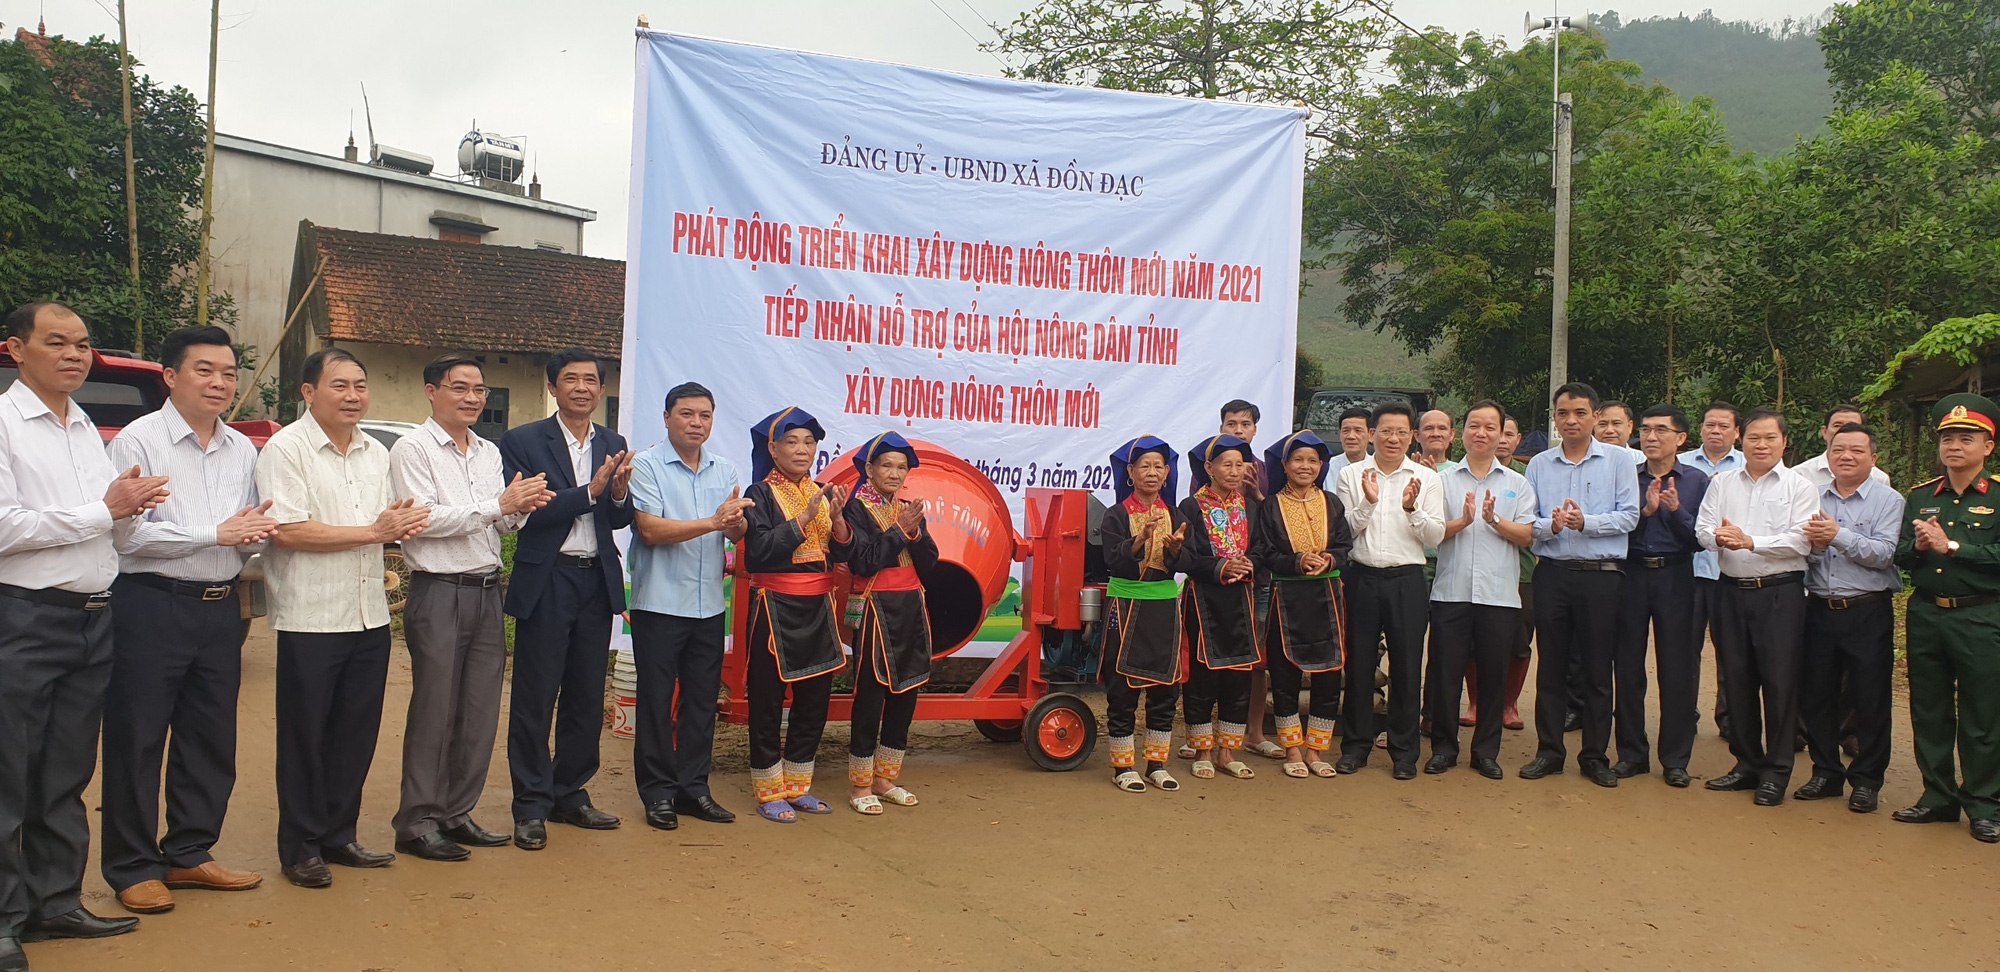 Hội Nông dân tỉnh Quảng Ninh chung tay giúp Đồn Đạc xây dựng nông thôn mới - Ảnh 1.